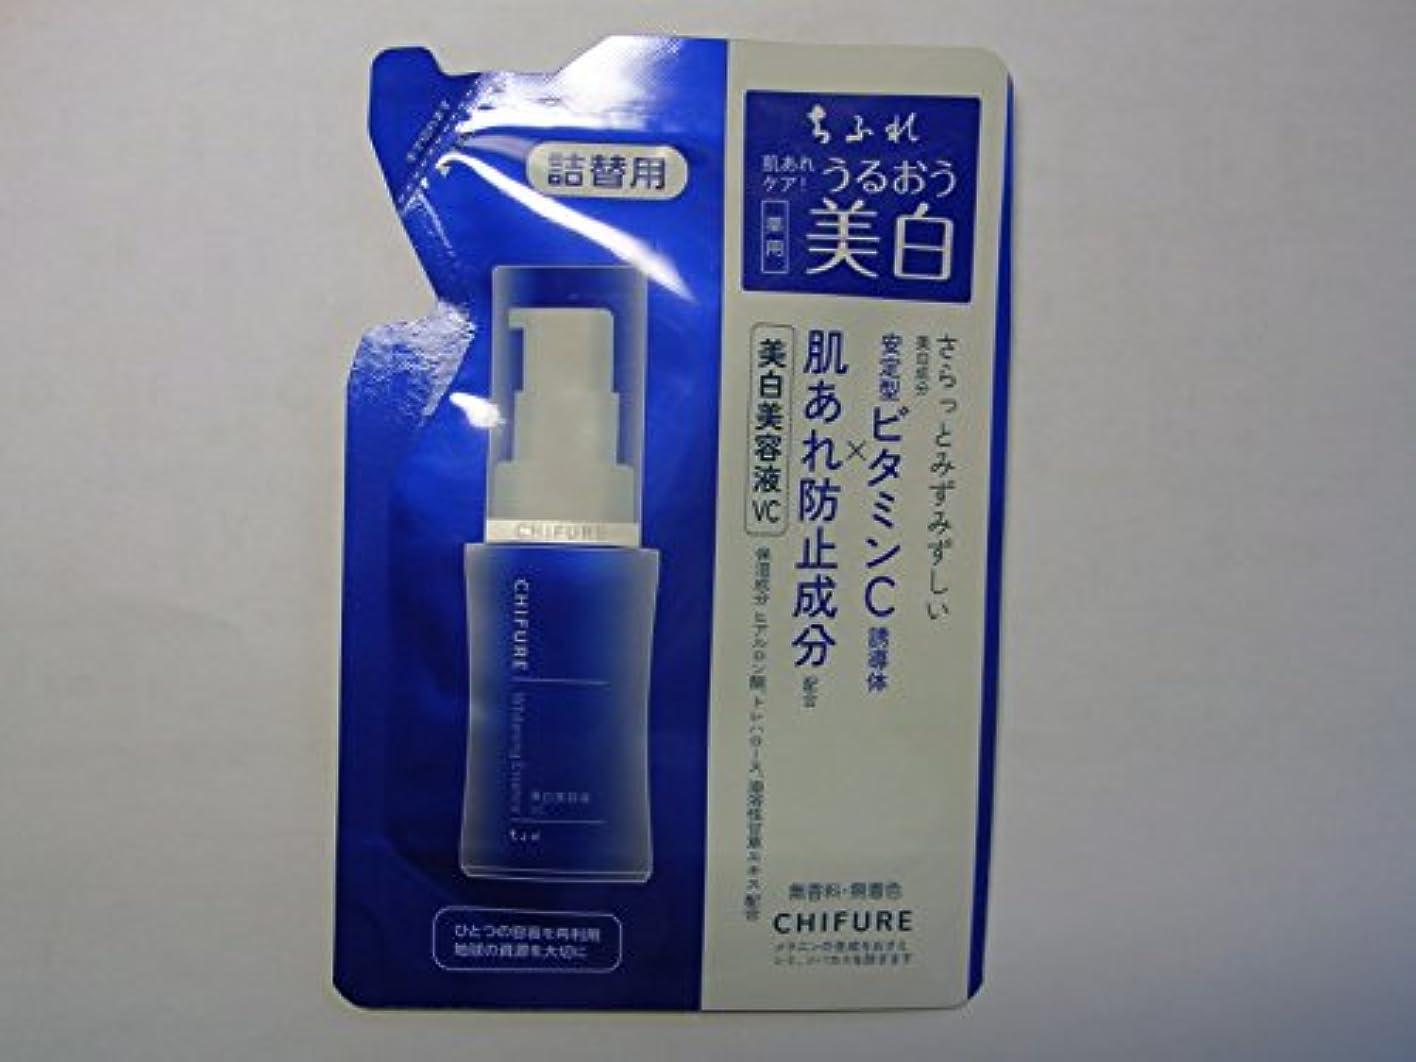 禁止するスカリー固有のちふれ化粧品 美白美容液 VC 詰替 30ML (医薬部外品)